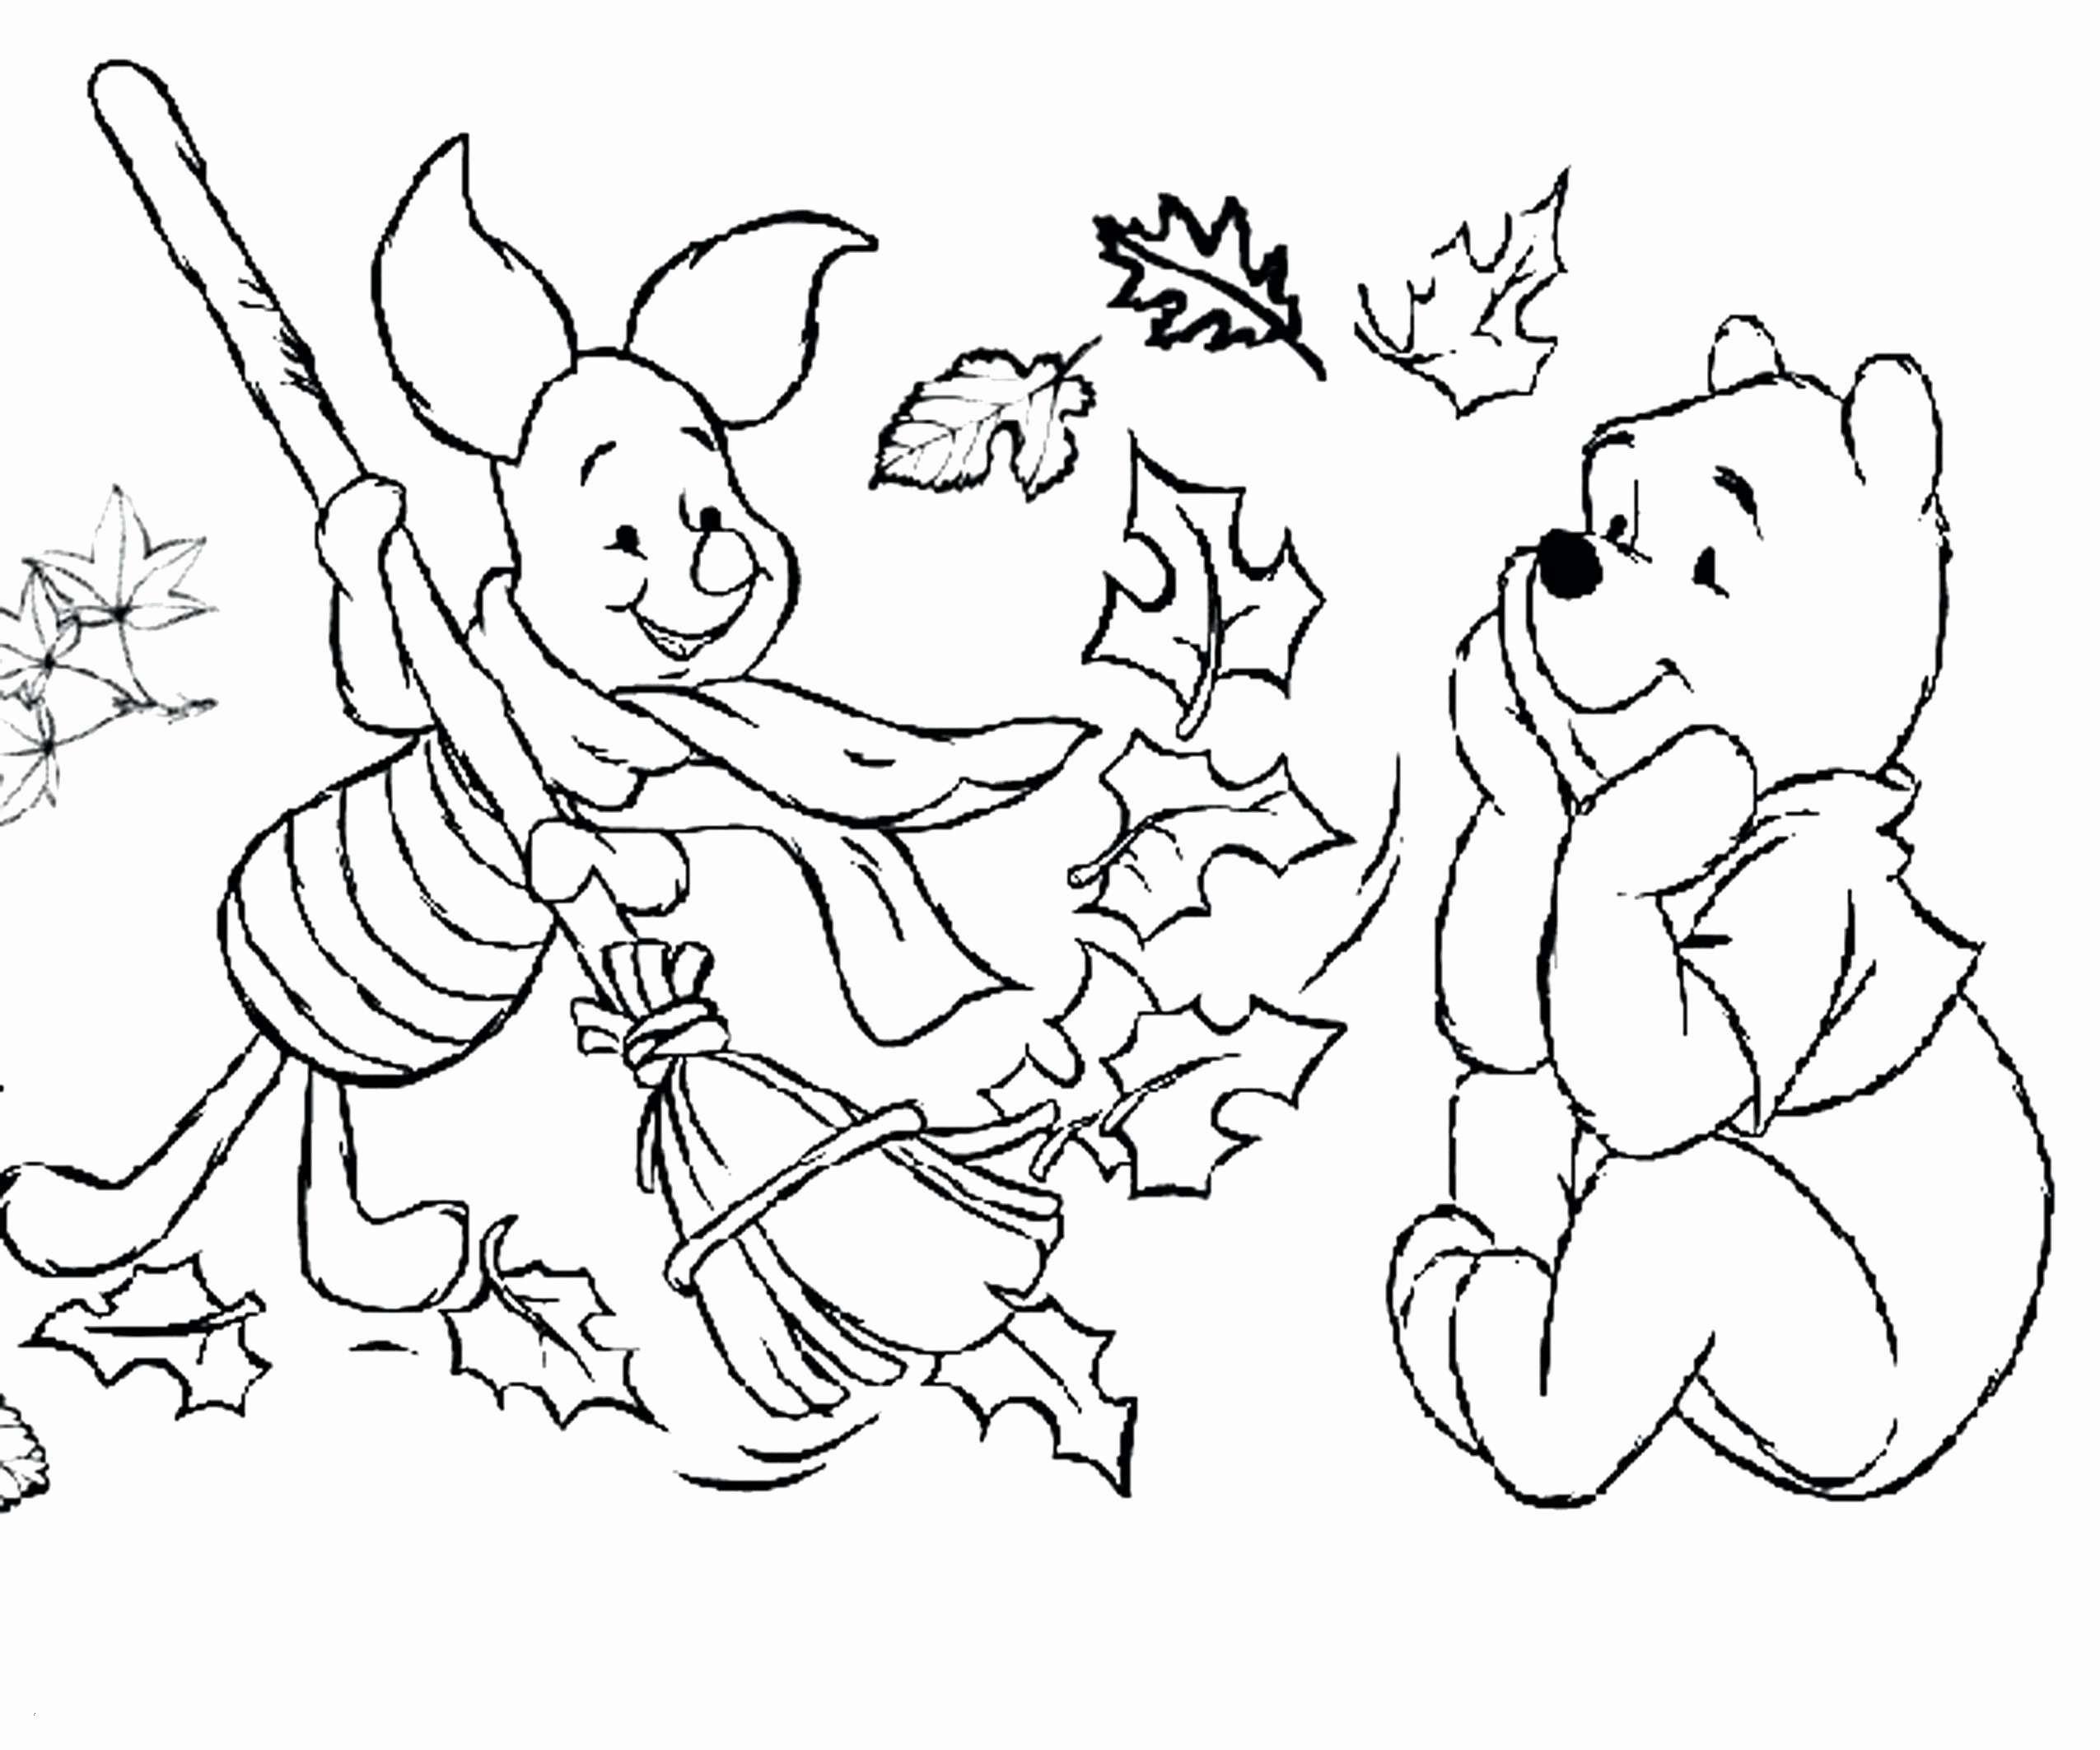 Adler Zeichnungen Zum Ausmalen Neu Ausmalbilder Schmetterling Kostenlos Einzigartig Winter Ausmalbilder Fotos